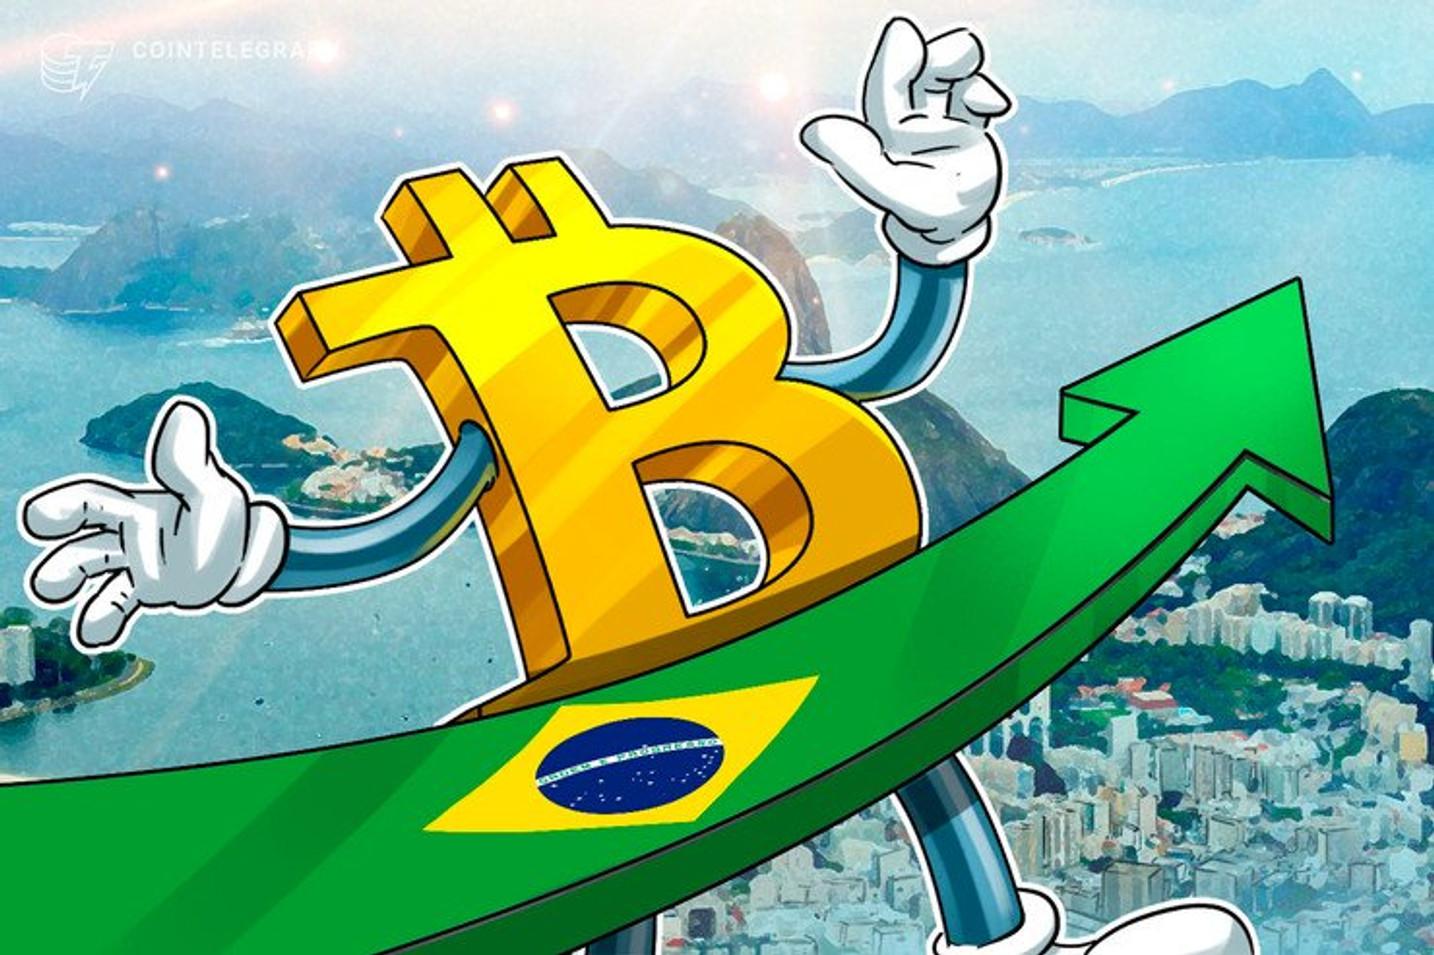 Visa 'abraça' o Bitcoin e premia exchange de criptomoedas em programa de inovação